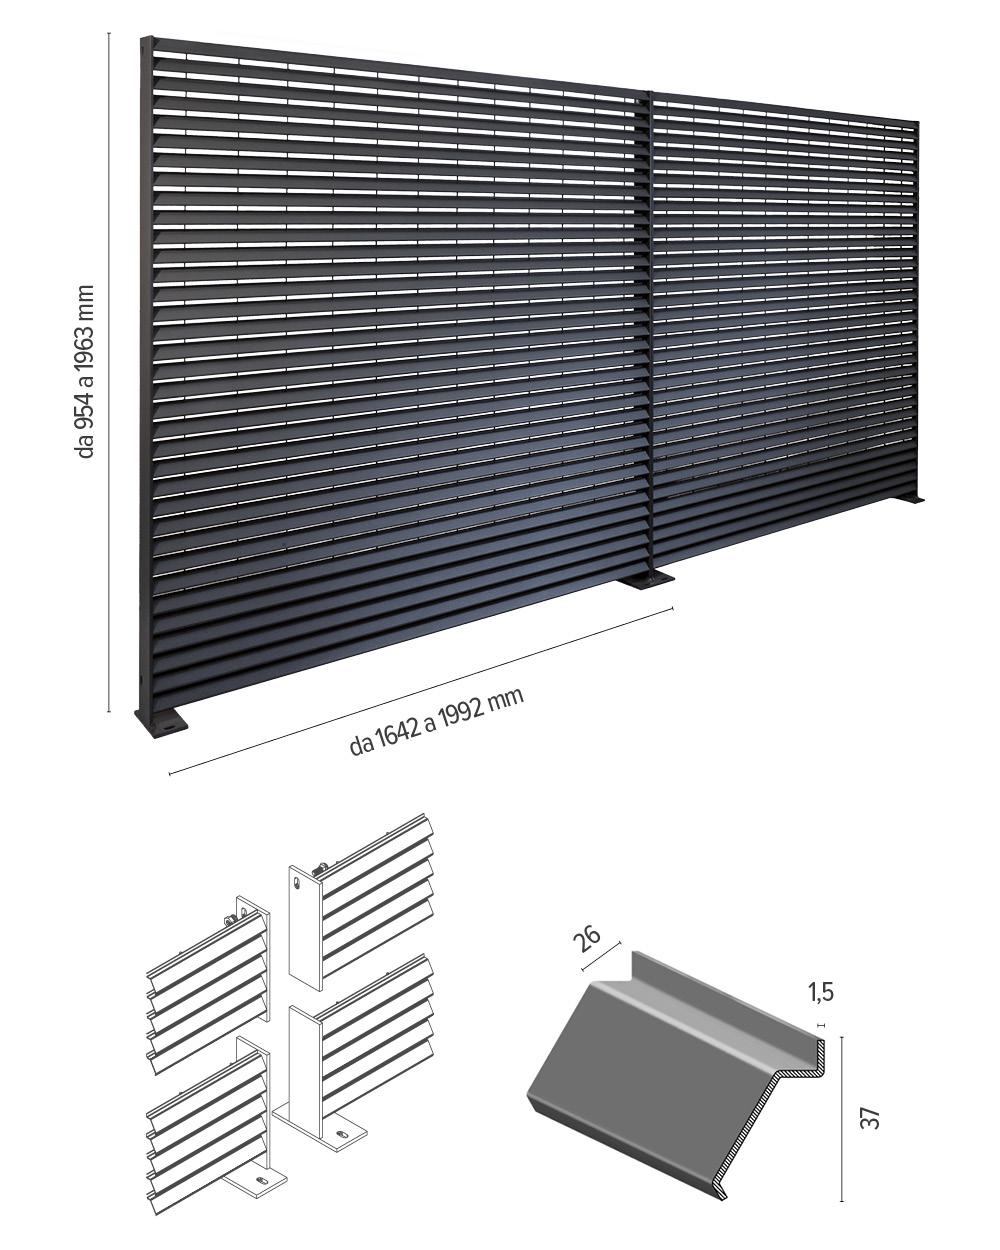 Talia ventus - info tecniche su recinzione a lamelle